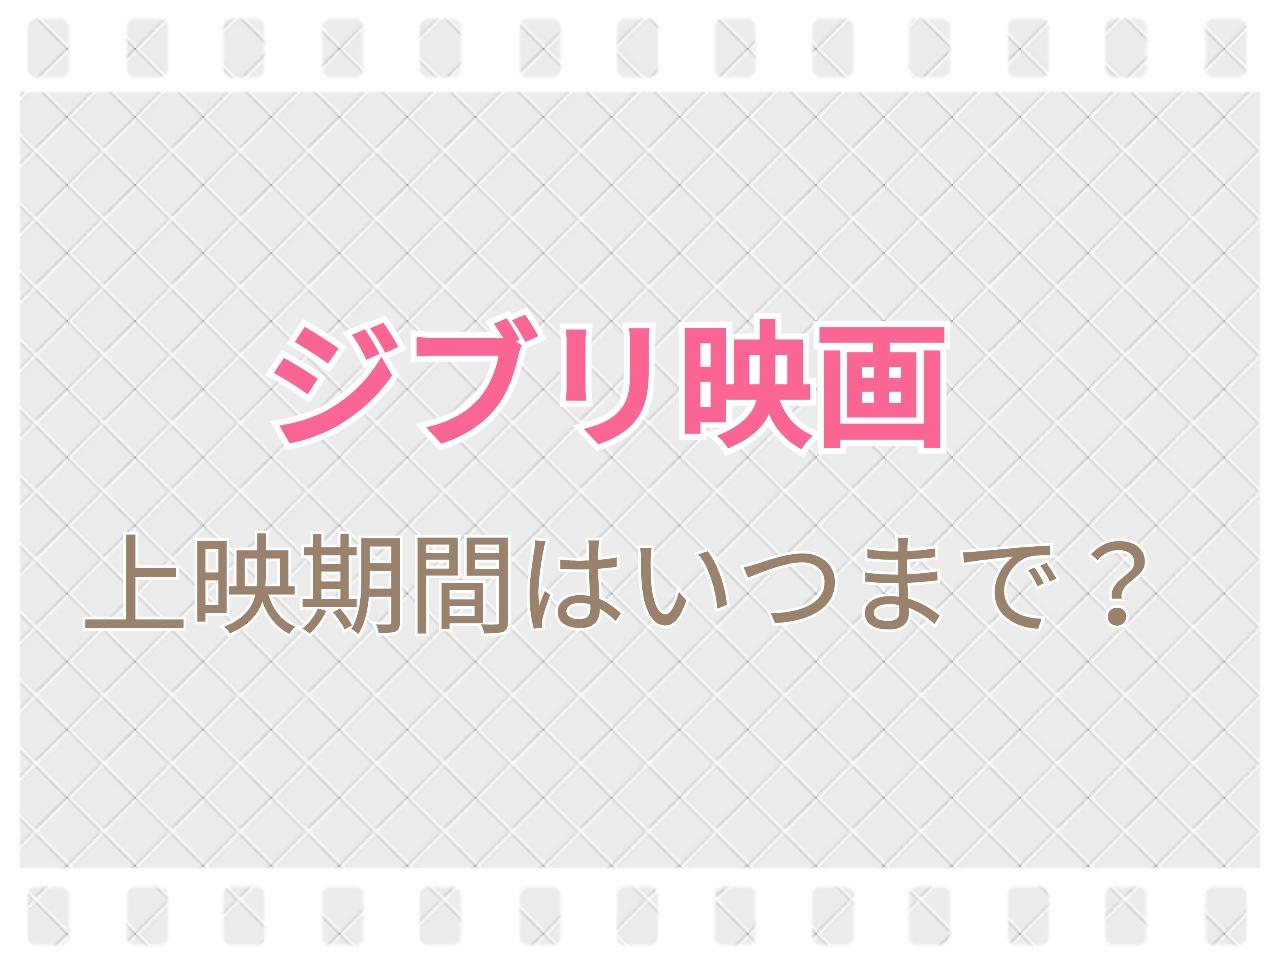 上映 シネマ スケジュール イオン 和歌山 イオンシネマ和歌山(和歌山市)上映スケジュール・上映時間:映画館